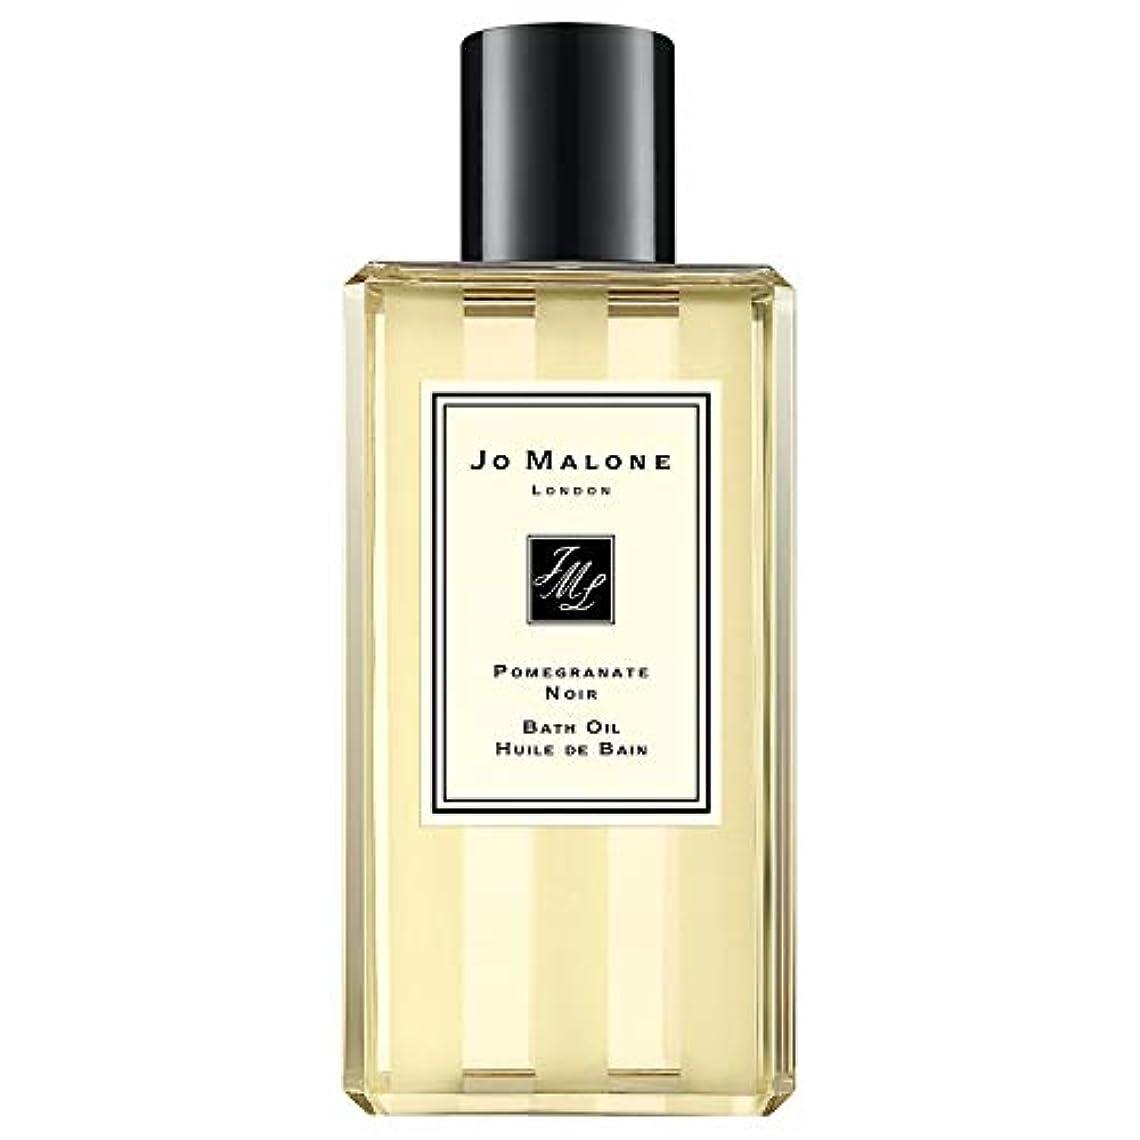 合理化子供っぽい思い出させる[Jo Malone ] ジョーマローンロンドンザクロノワールバスオイル250ミリリットル - Jo Malone London Pomegranate Noir Bath Oil 250ml [並行輸入品]